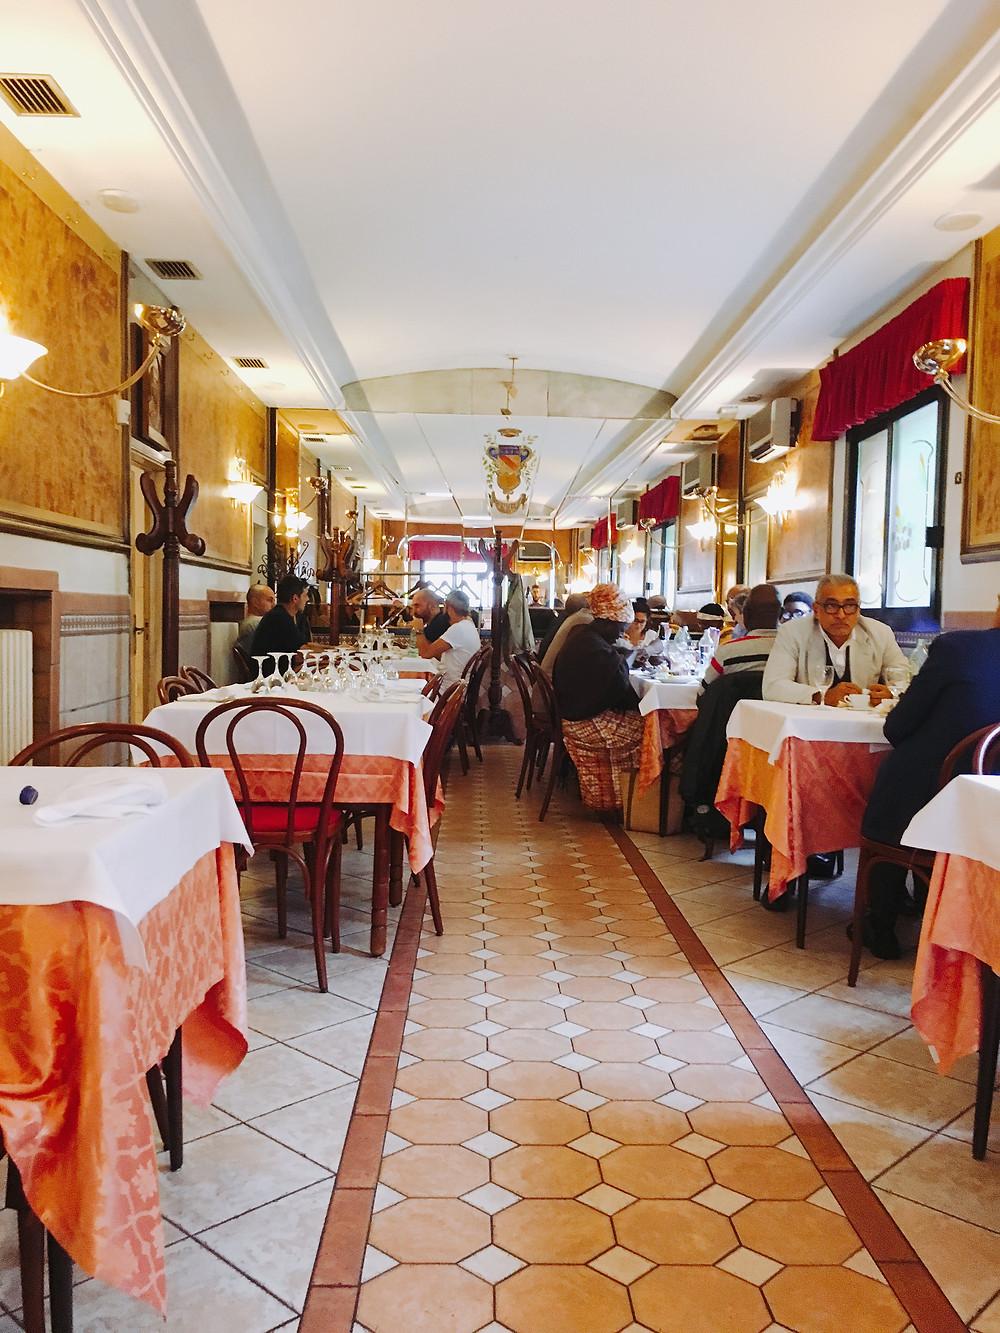 クレスッペラーノの名店。いい雰囲気です。